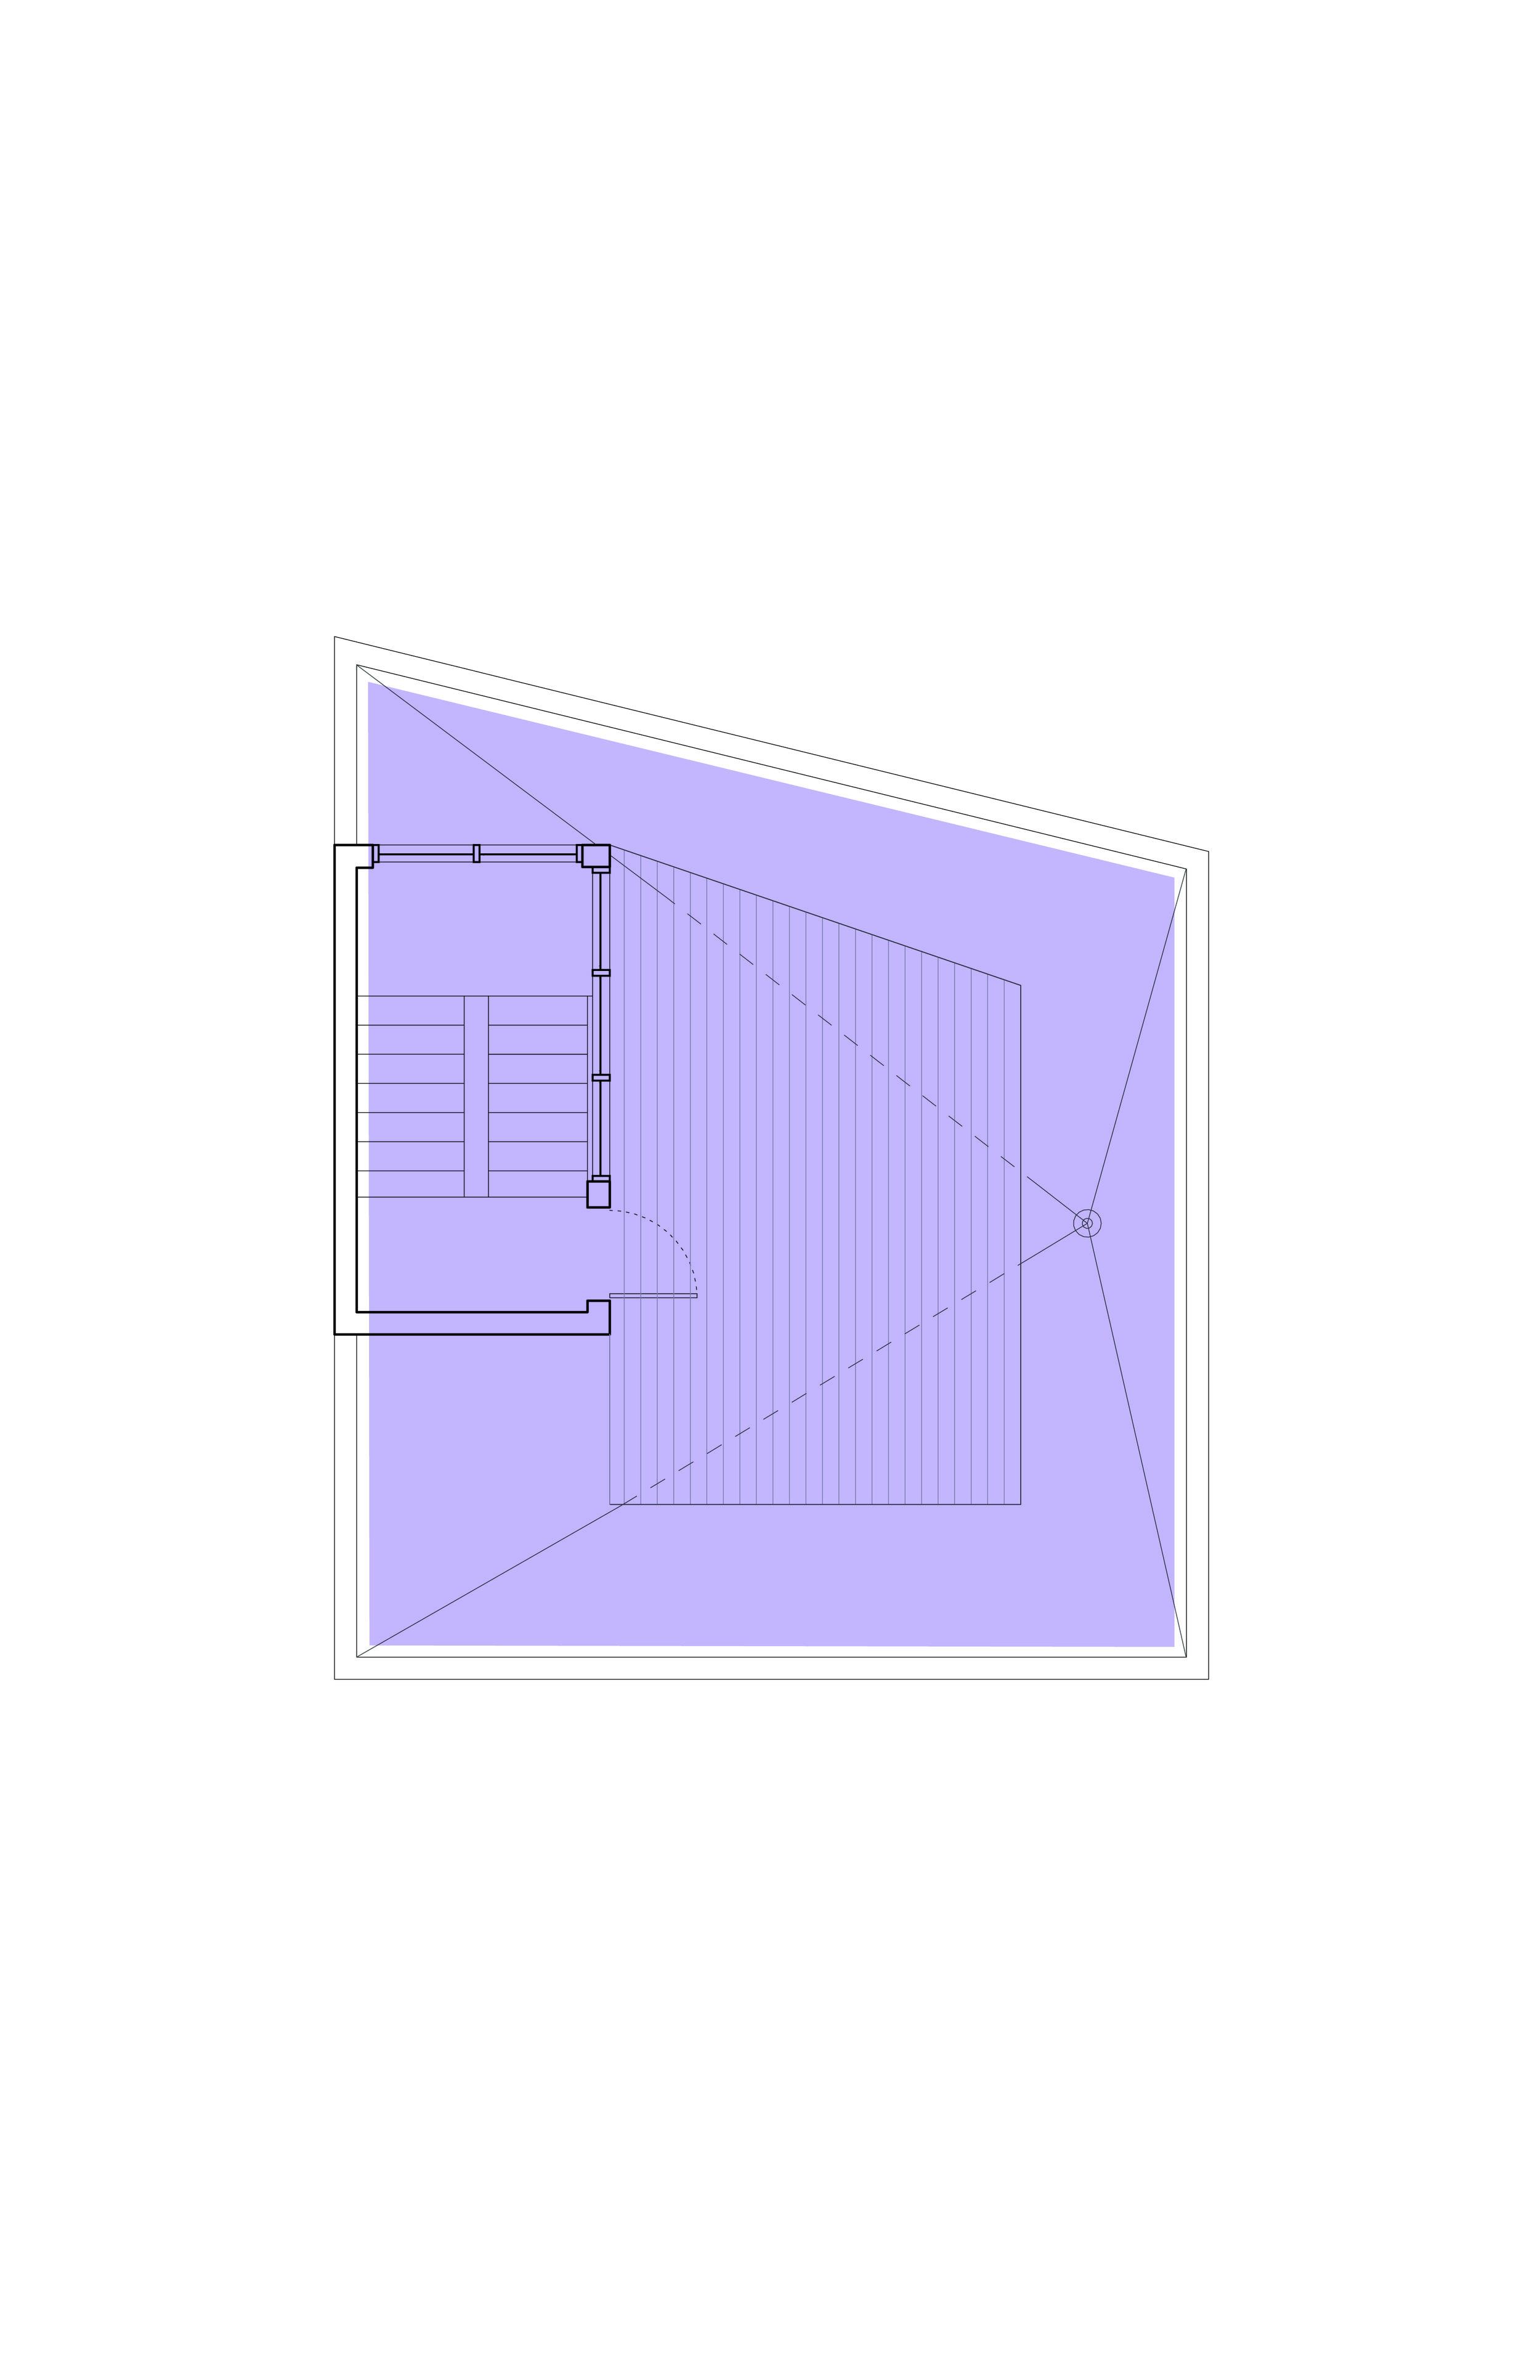 5 ROOF - Units.jpg